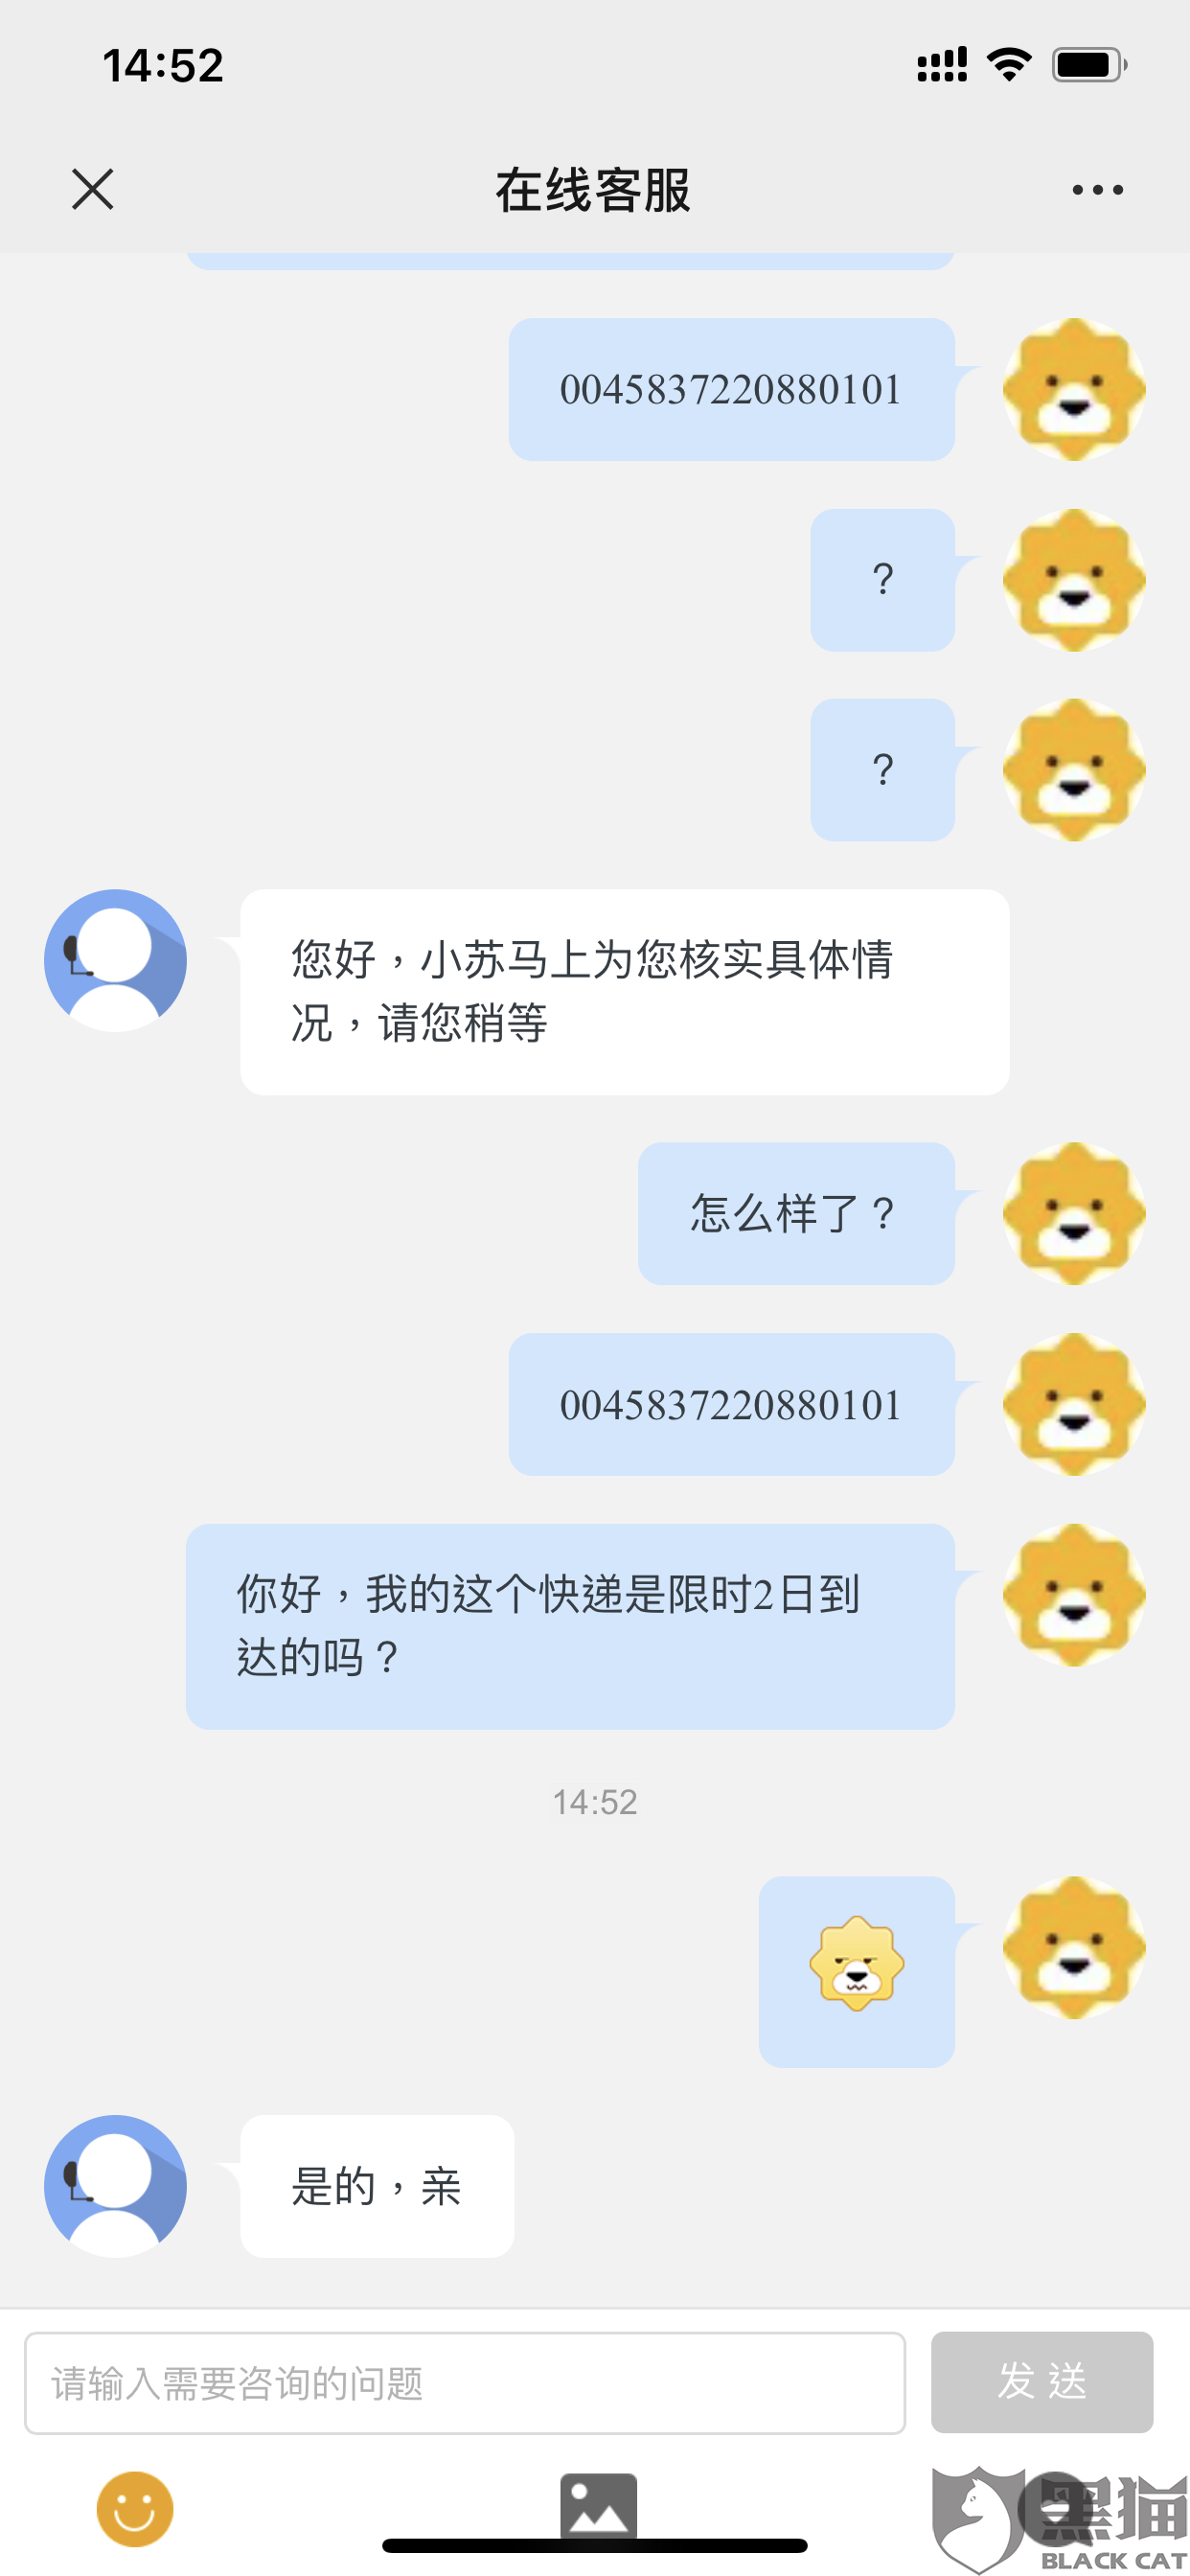 黑猫投诉:淘宝苏宁易购官方旗舰店承诺达未履行